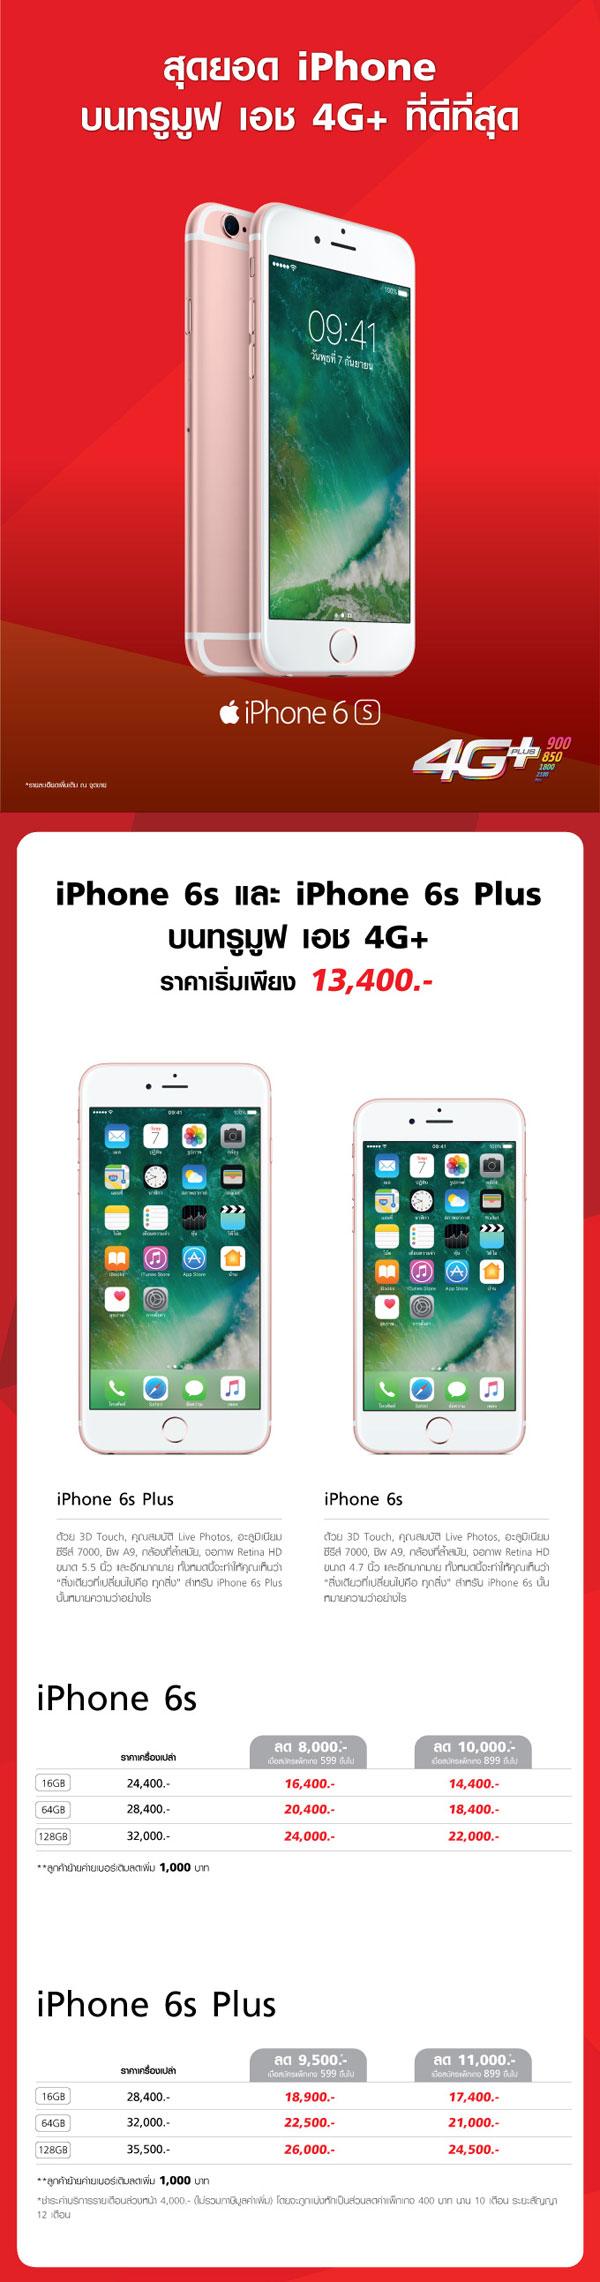 iPhone 6 และ iPhone 6 Plus ราคาเริ่มต้น 9,800 บาท iPhone 6s และ iPhone 6s Plus เริ่มต้น 13,400 บาท